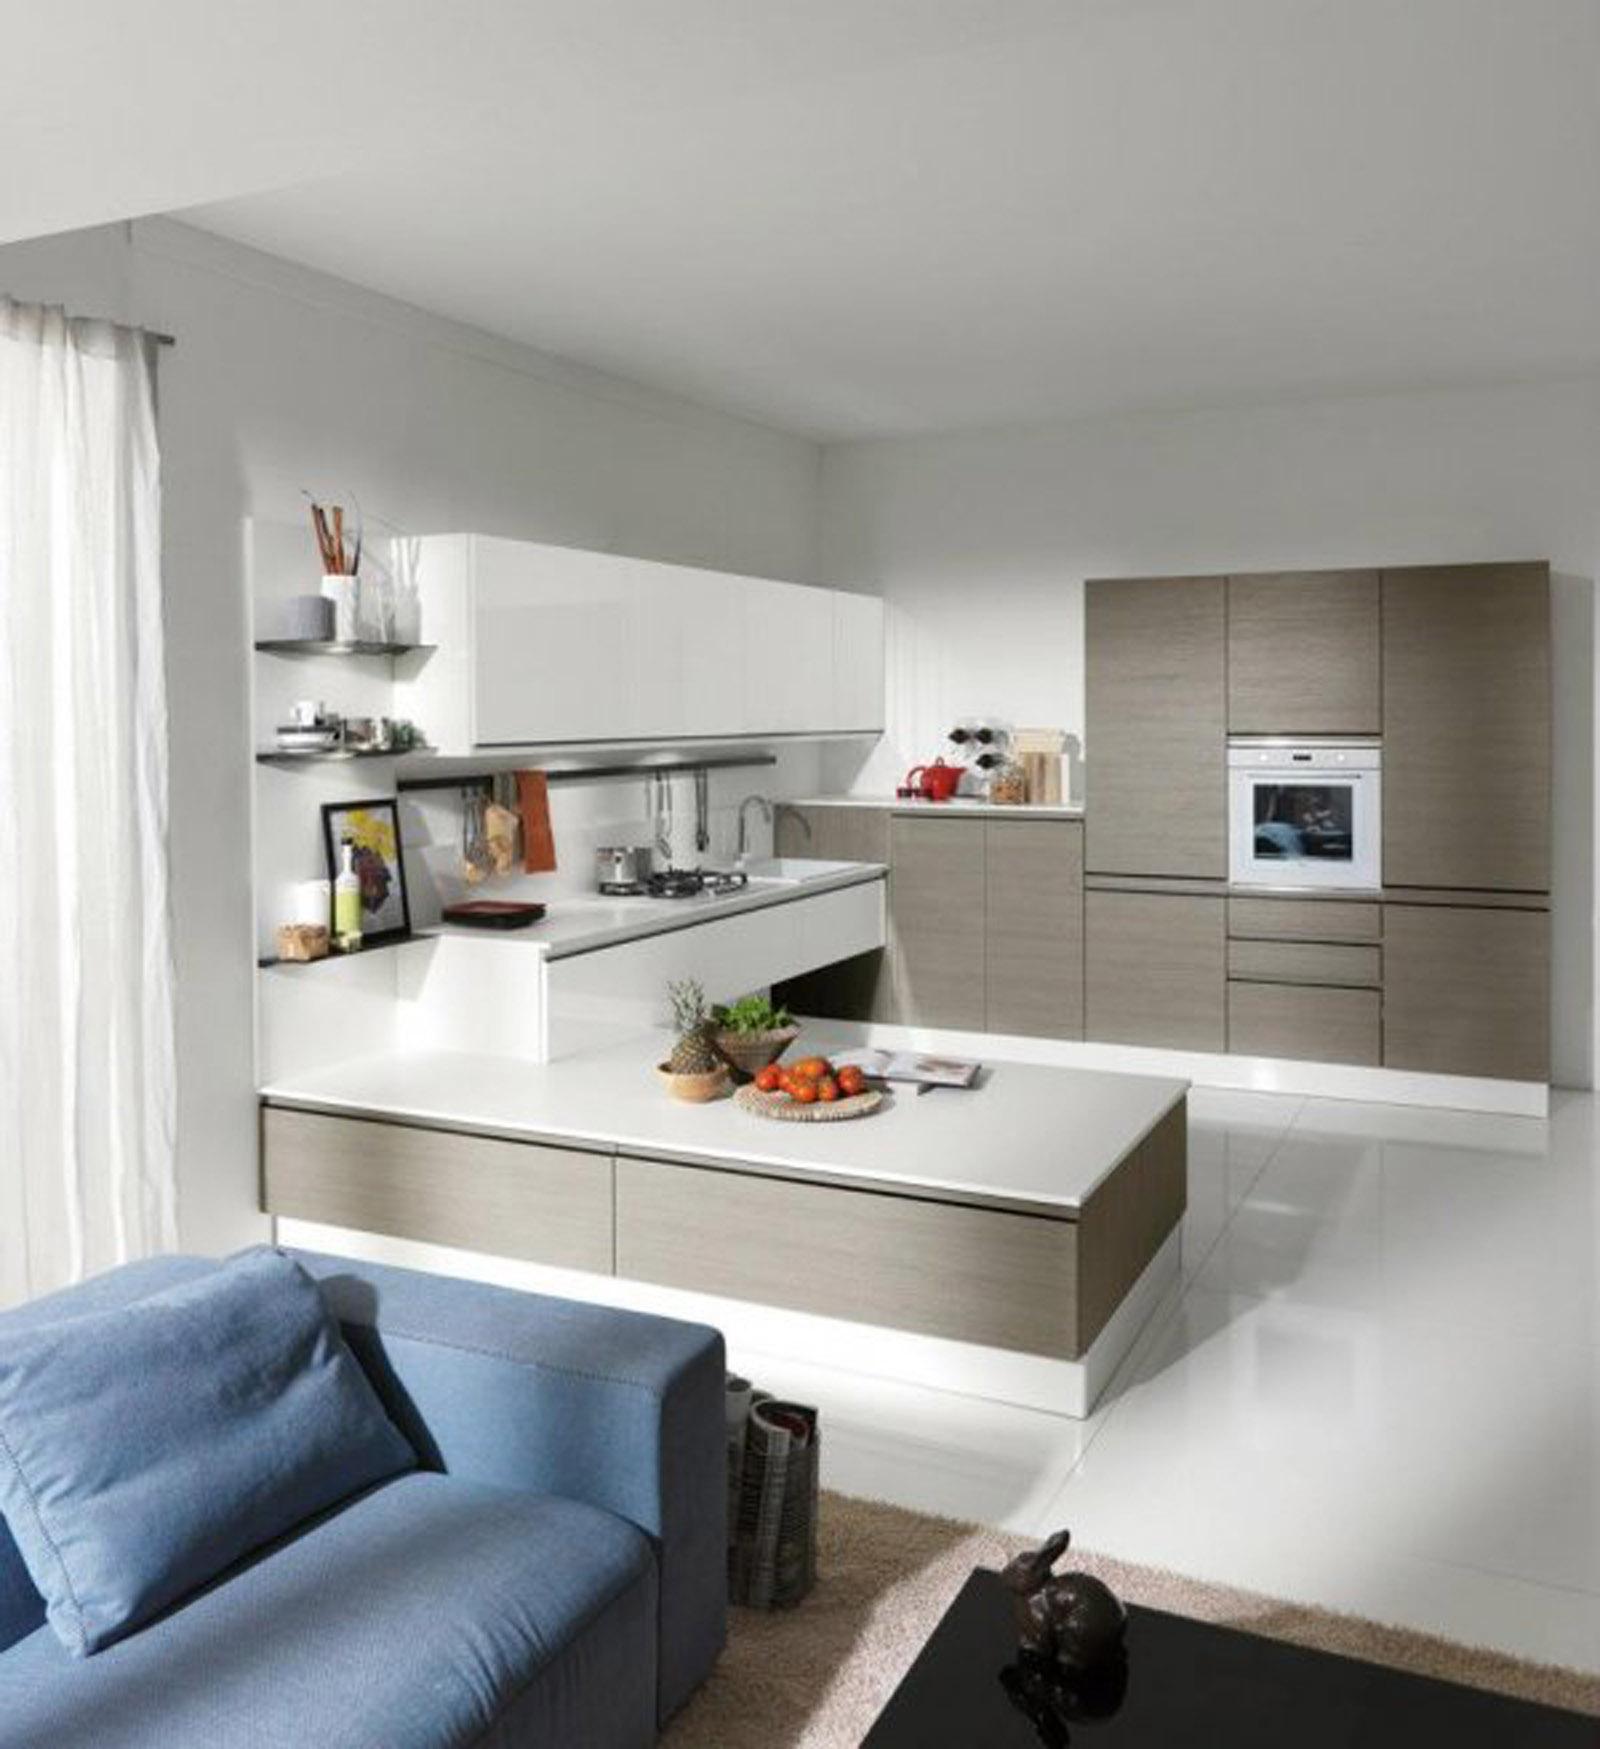 Idee per arredare una cucina a vista sicilia catania messina enna siracusa ragusa pozzallo - Idee per arredare la cucina ...